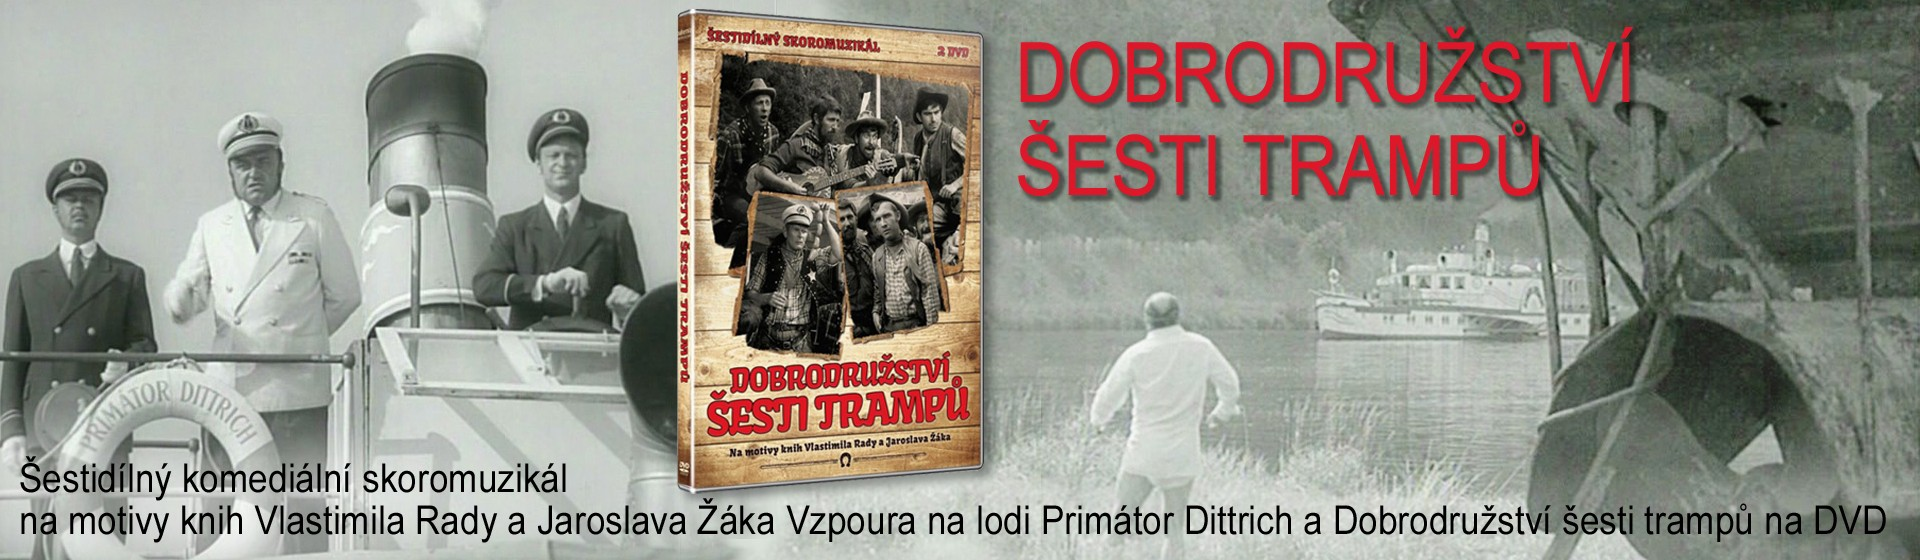 DVD Dobrodružství šesti trampů